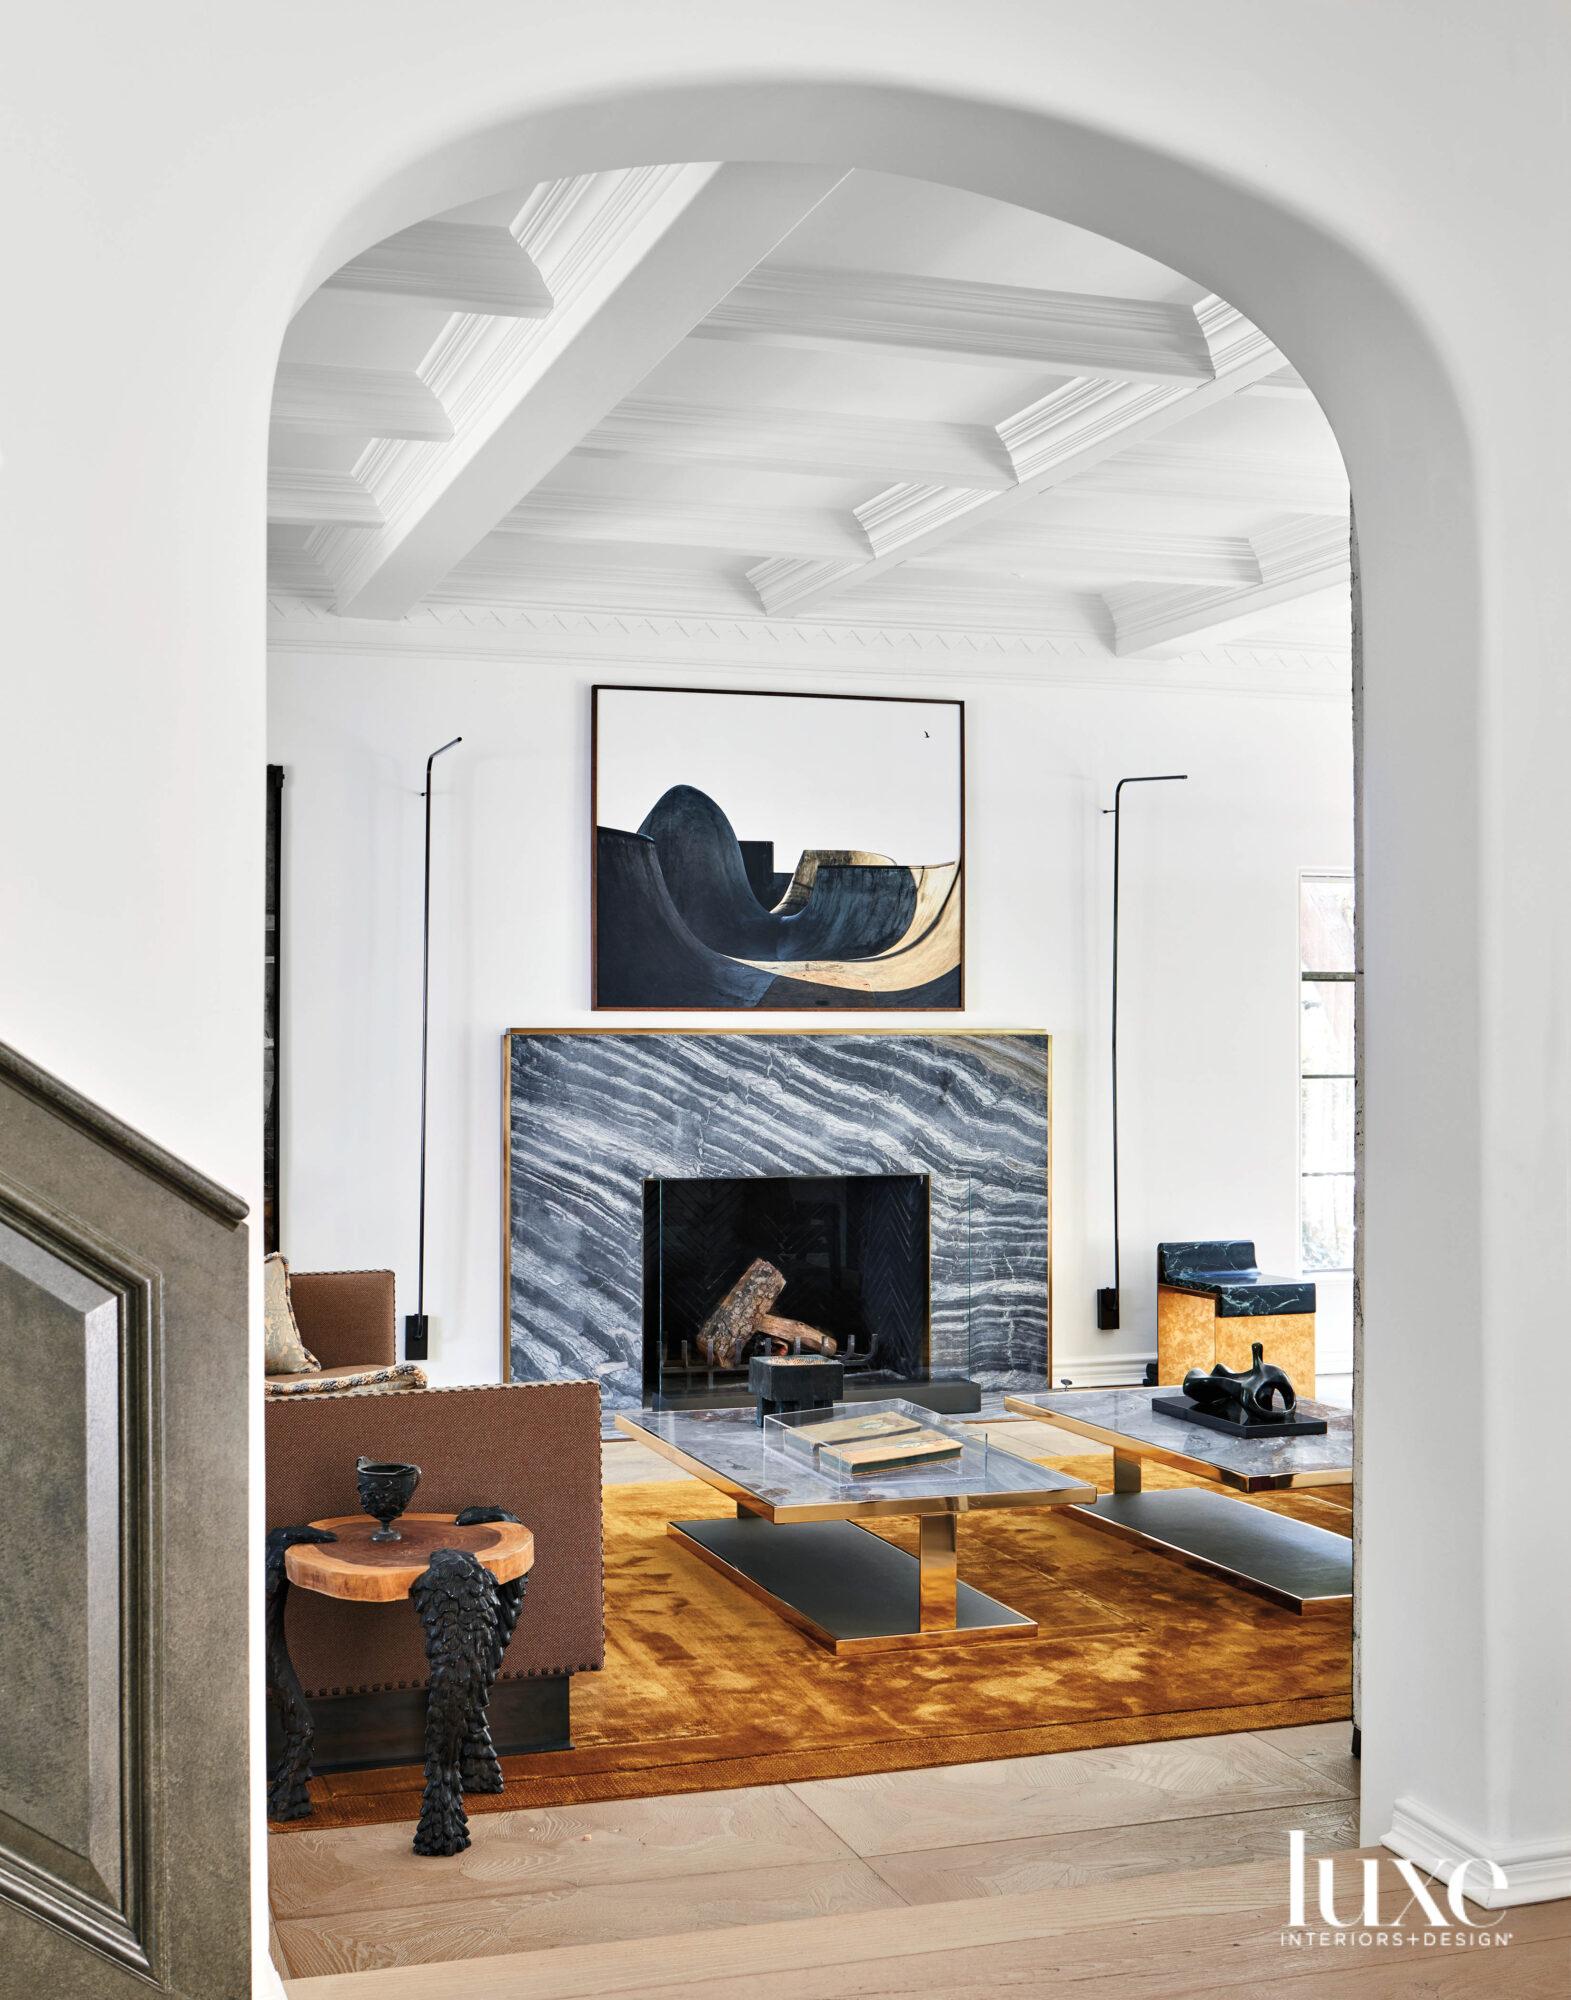 View through doorway into living...